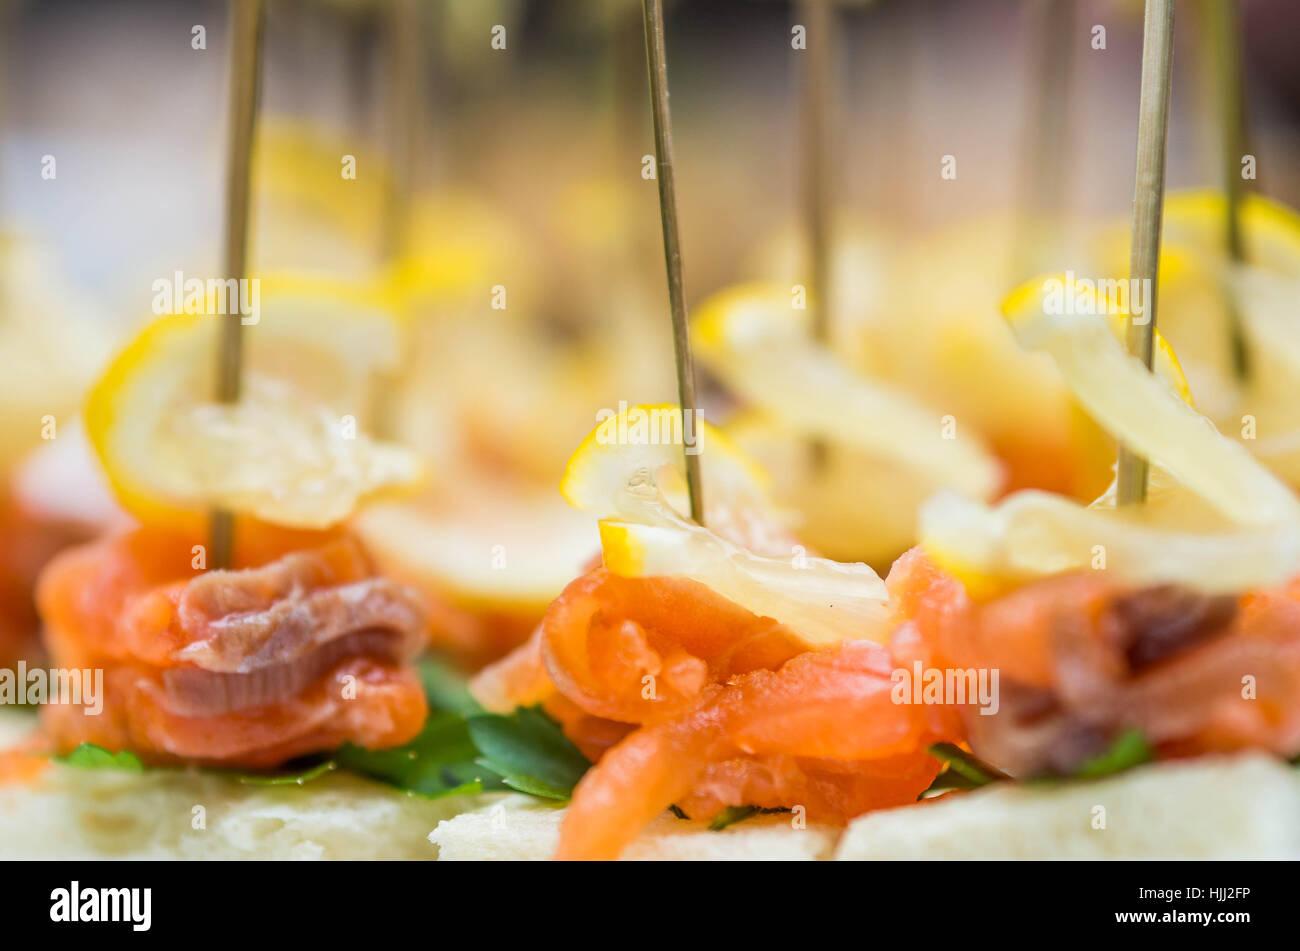 Un montón de canapés de salmón con limón y cilantro Imagen De Stock